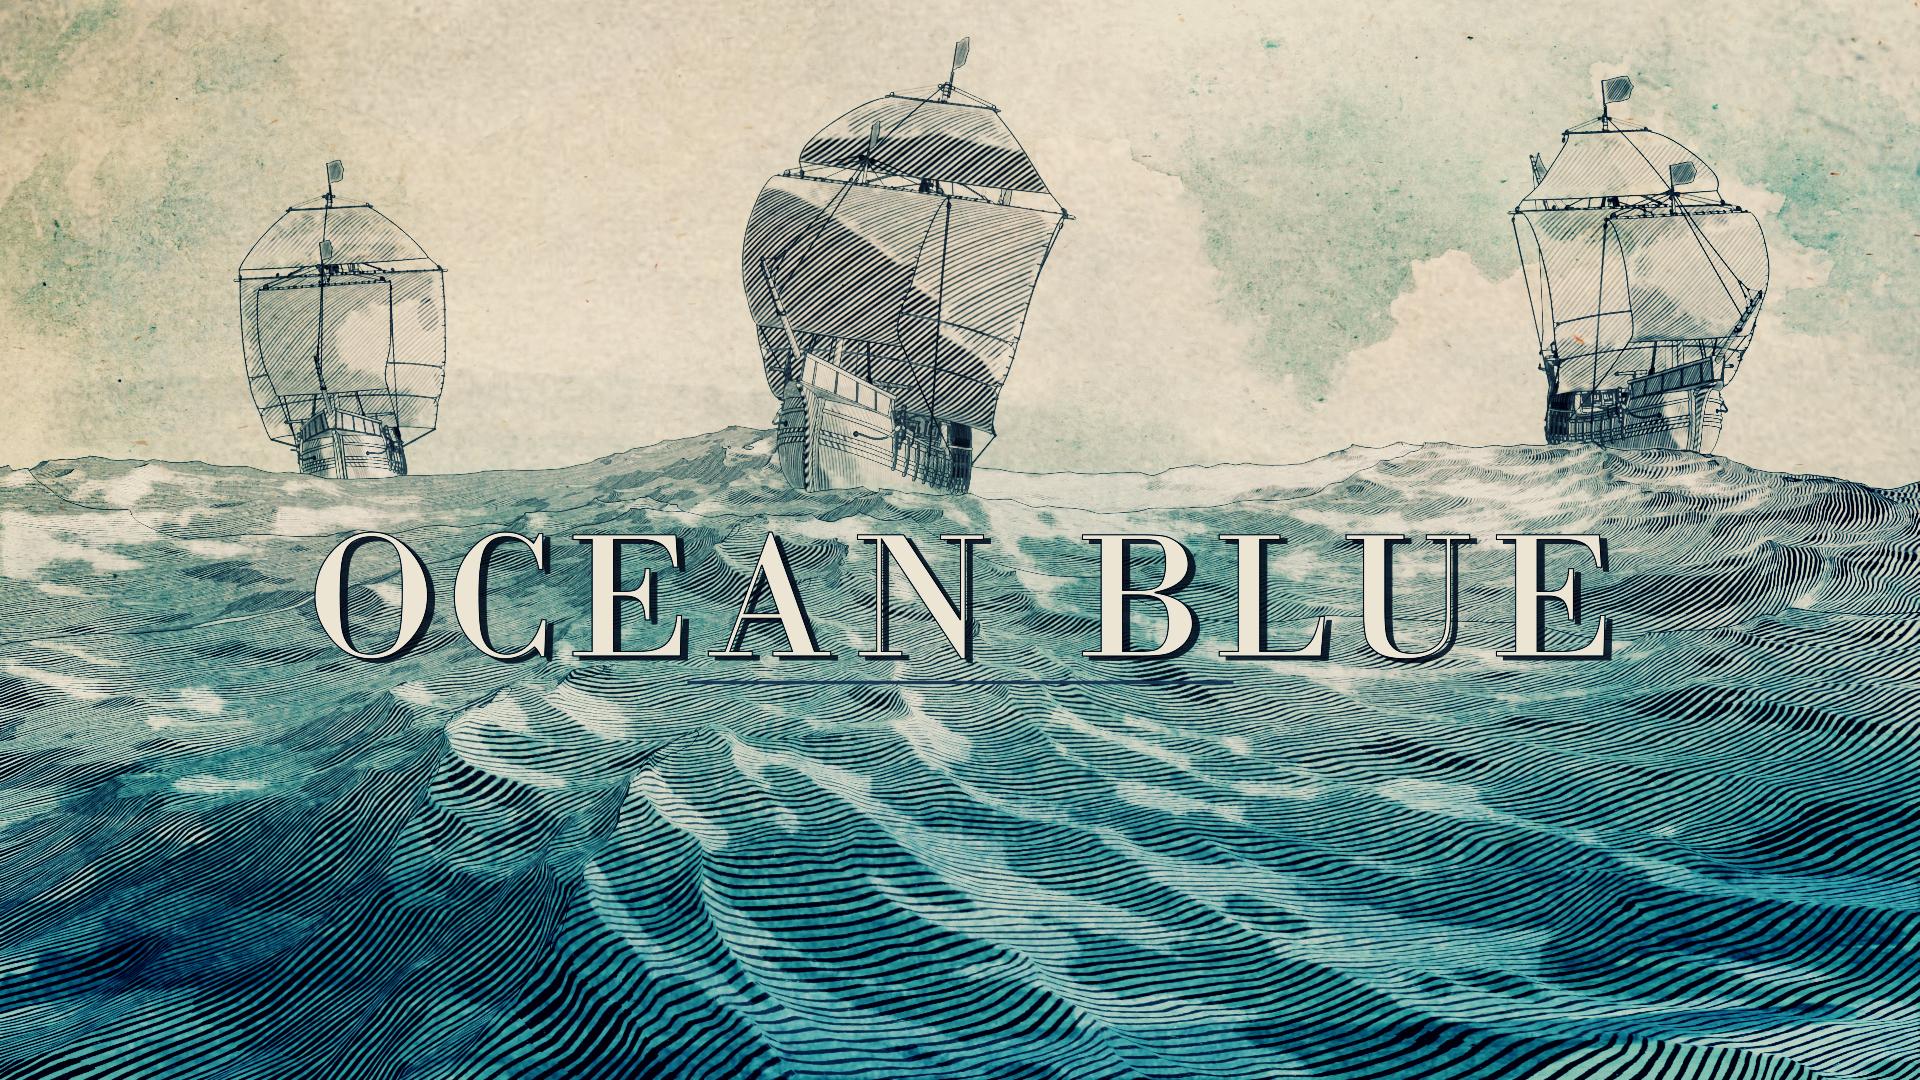 OCEAN_BLUE_BOARDS_AV_03.04.2015_REV_00008